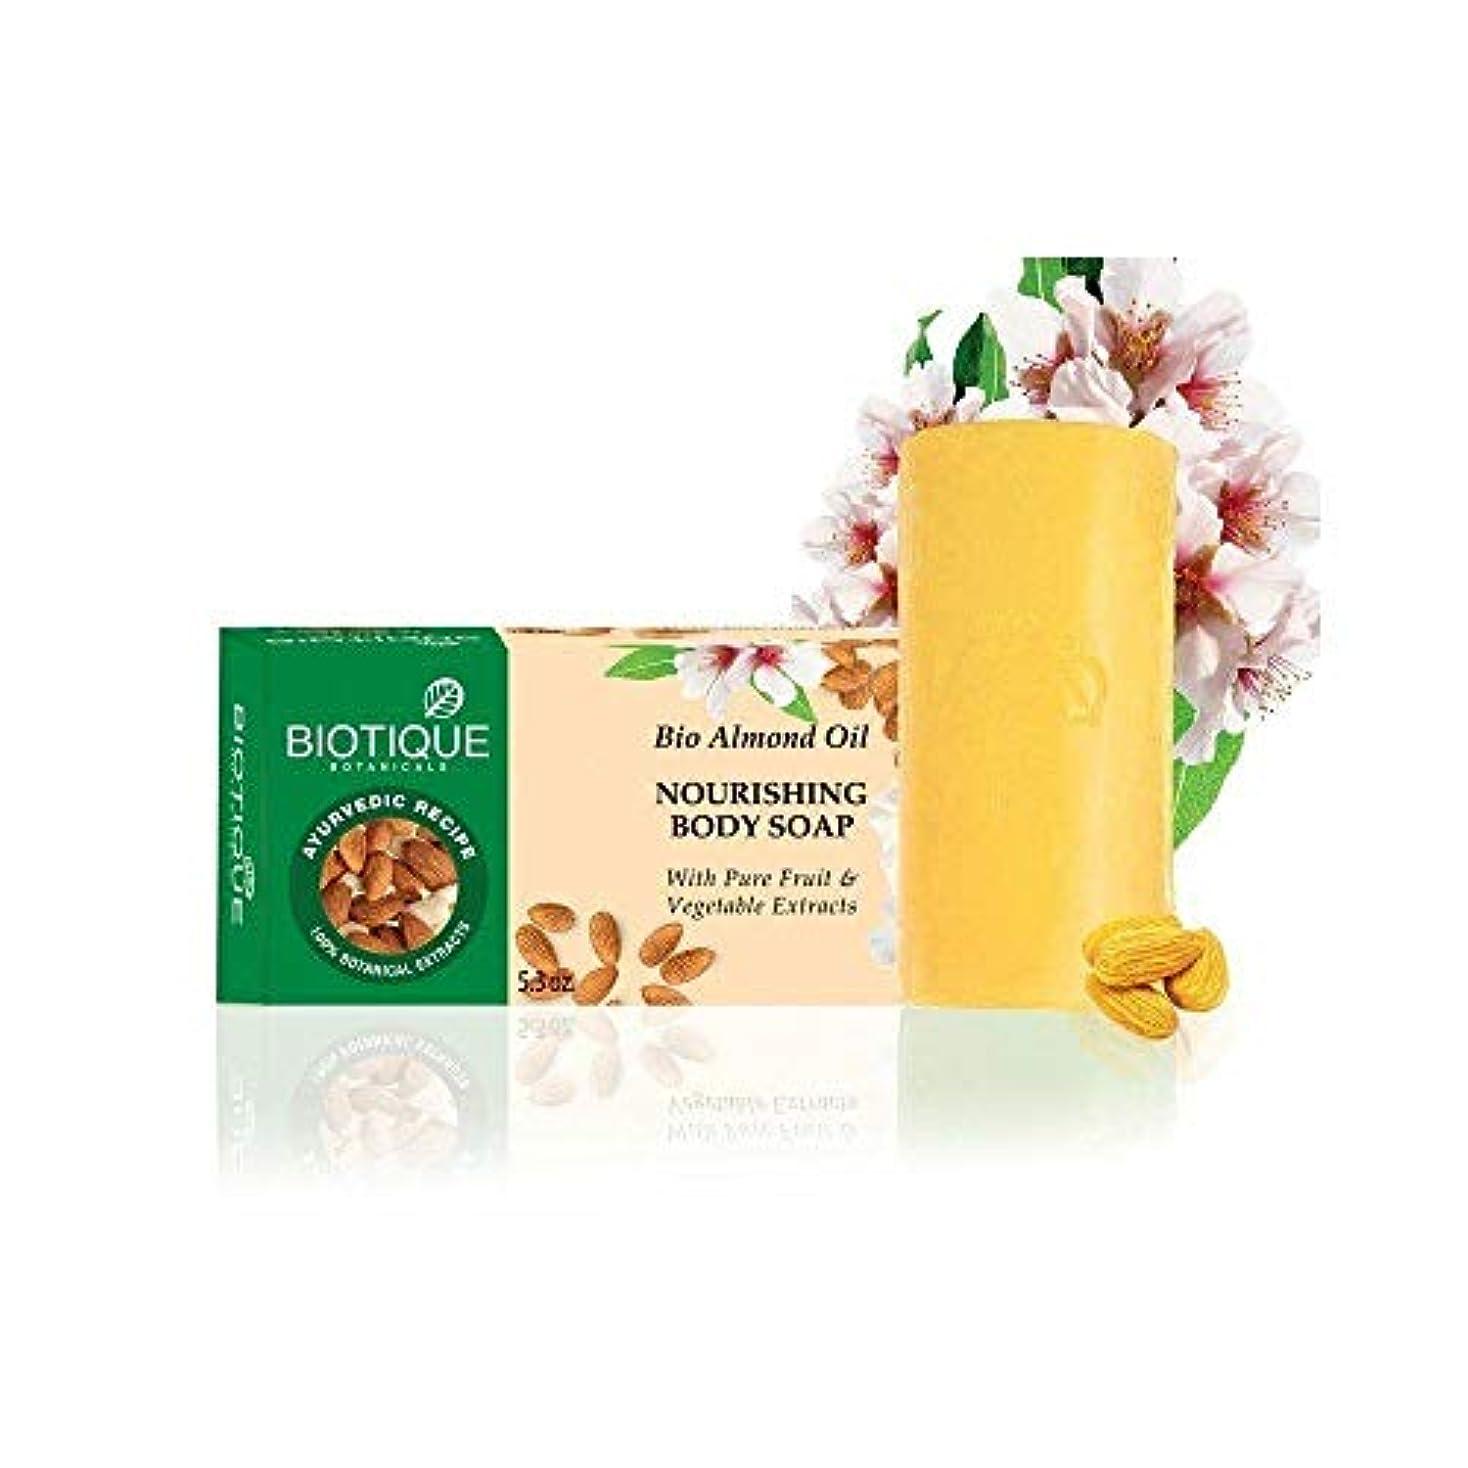 電気的つまずくペリスコープBiotique Bio Almond Oil Nourishing Body Soap - 150g (Pack of 2) wash Impurities Biotique Bio Almond Oilナリッシングボディソープ...